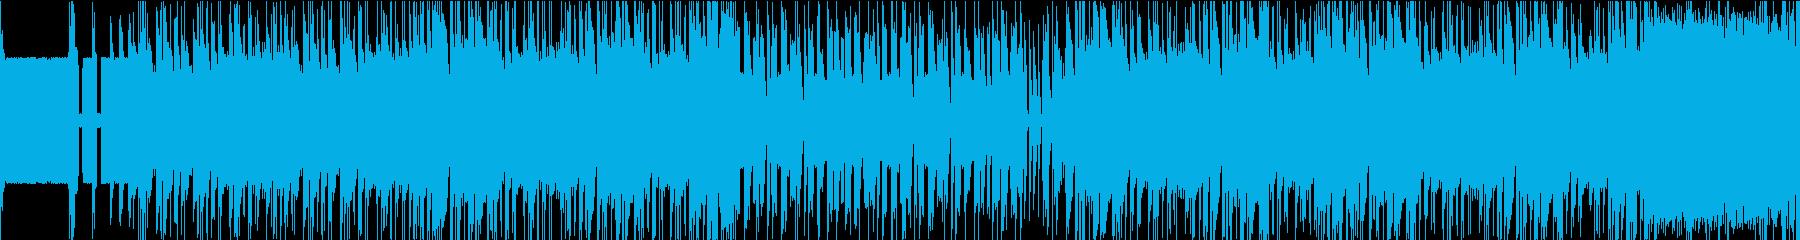 ファミコンゲームのボス戦っぽいBGMの再生済みの波形